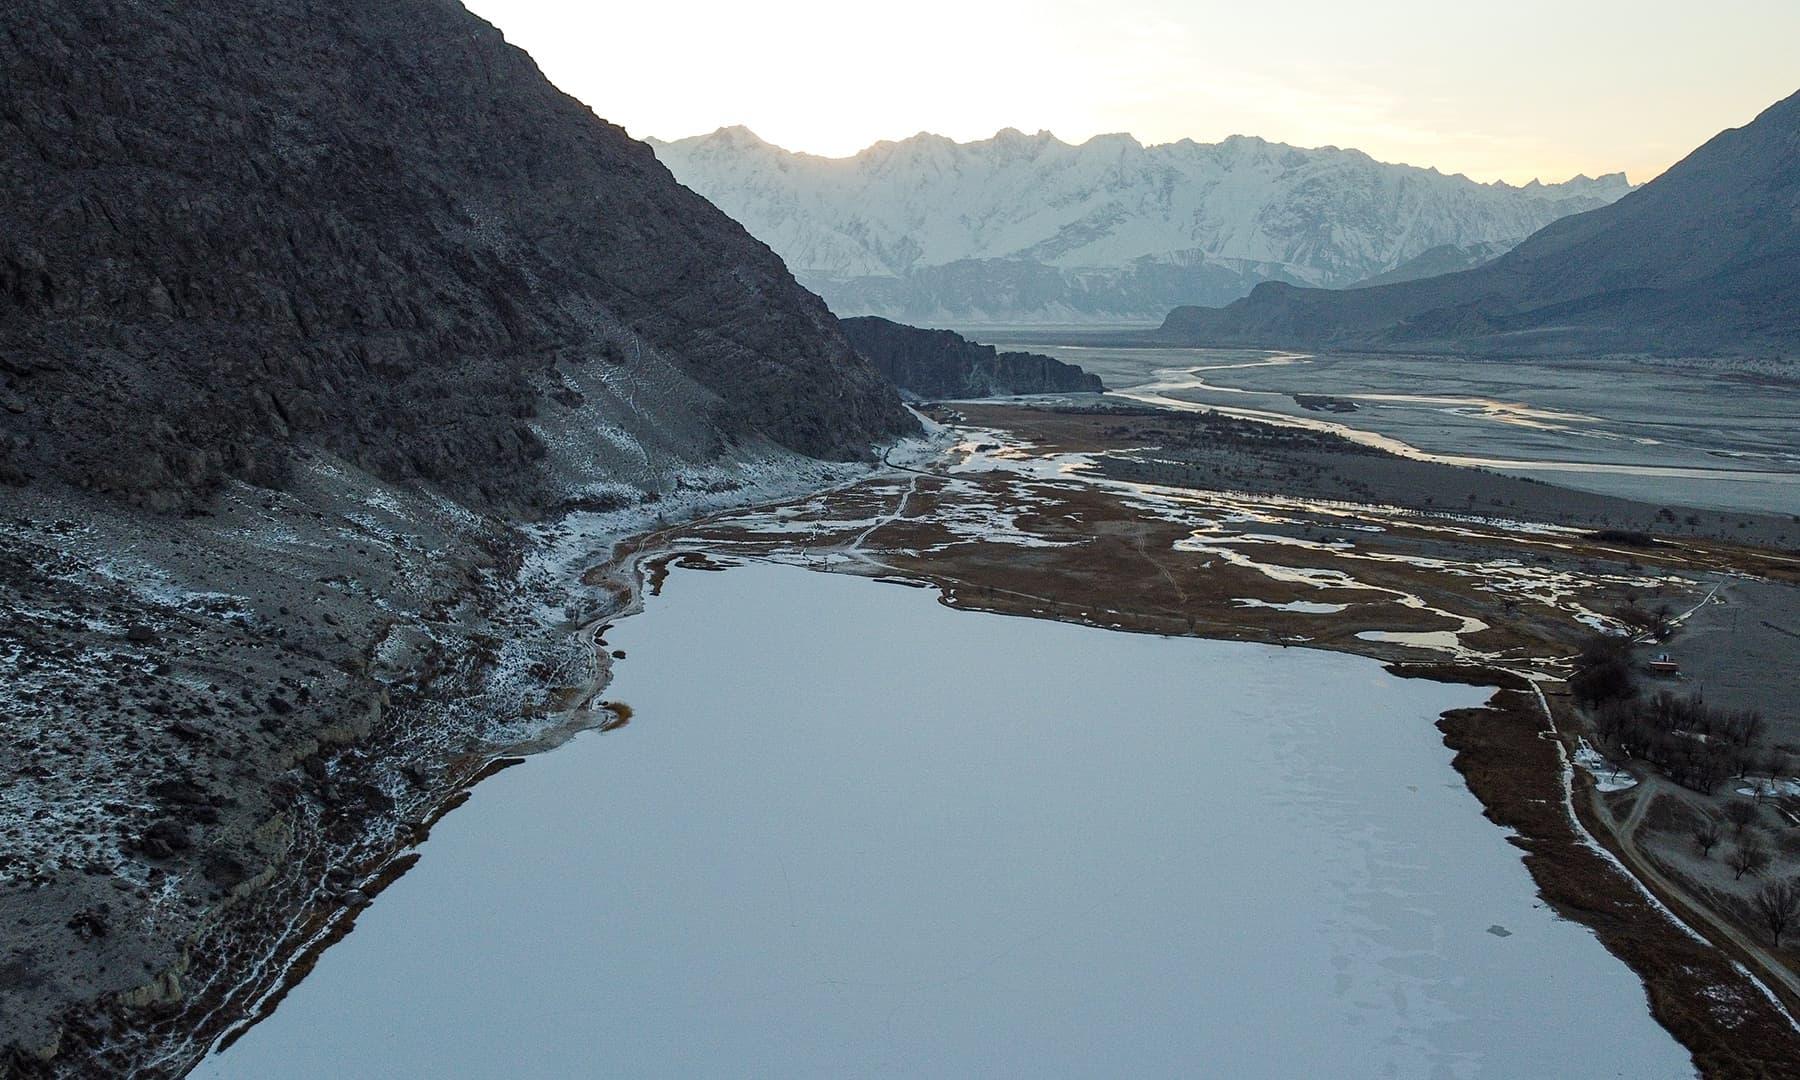 اندھی جھیل برف کا سفید لبادہ اوڑھنے کے بعد